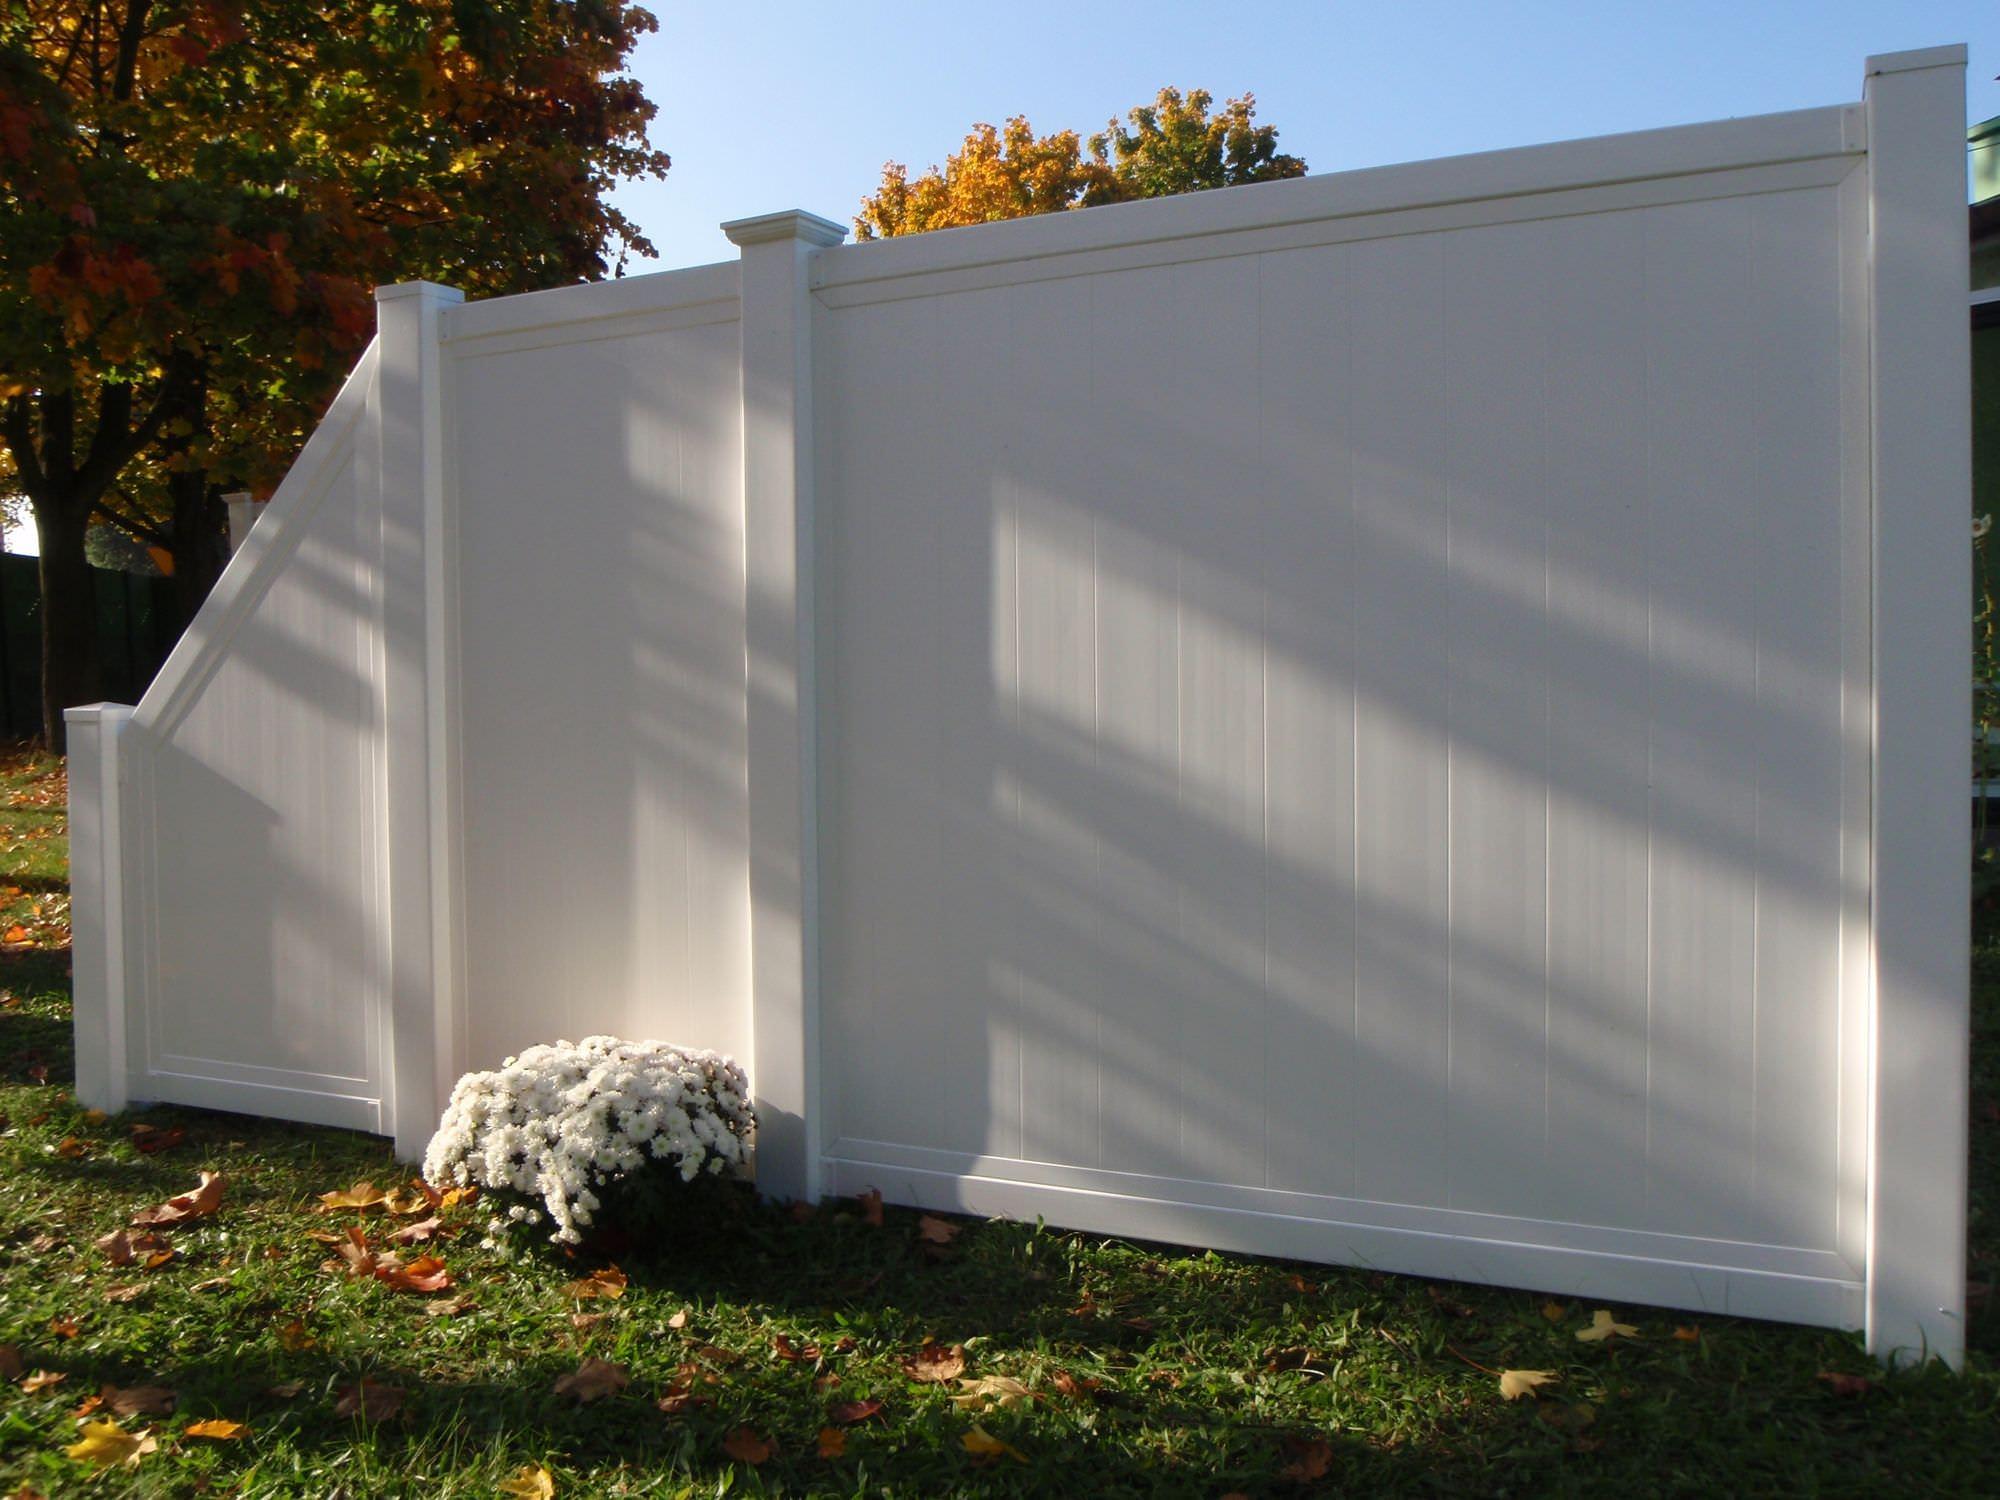 Recinzioni Da Giardino In Pvc : Recinzione da giardino in pvc hoarding solid top fence